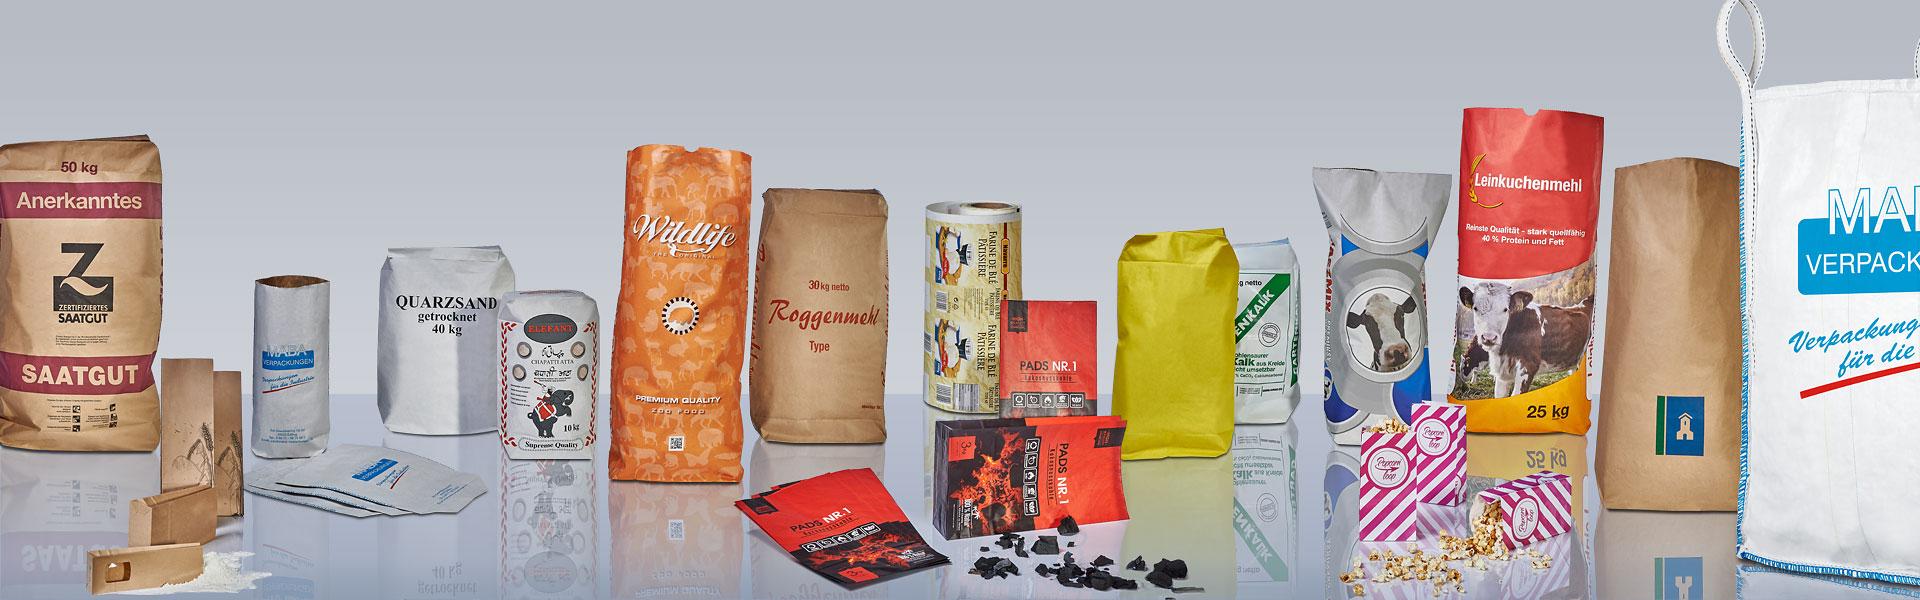 maba-verpackungen-kg-produkte-header